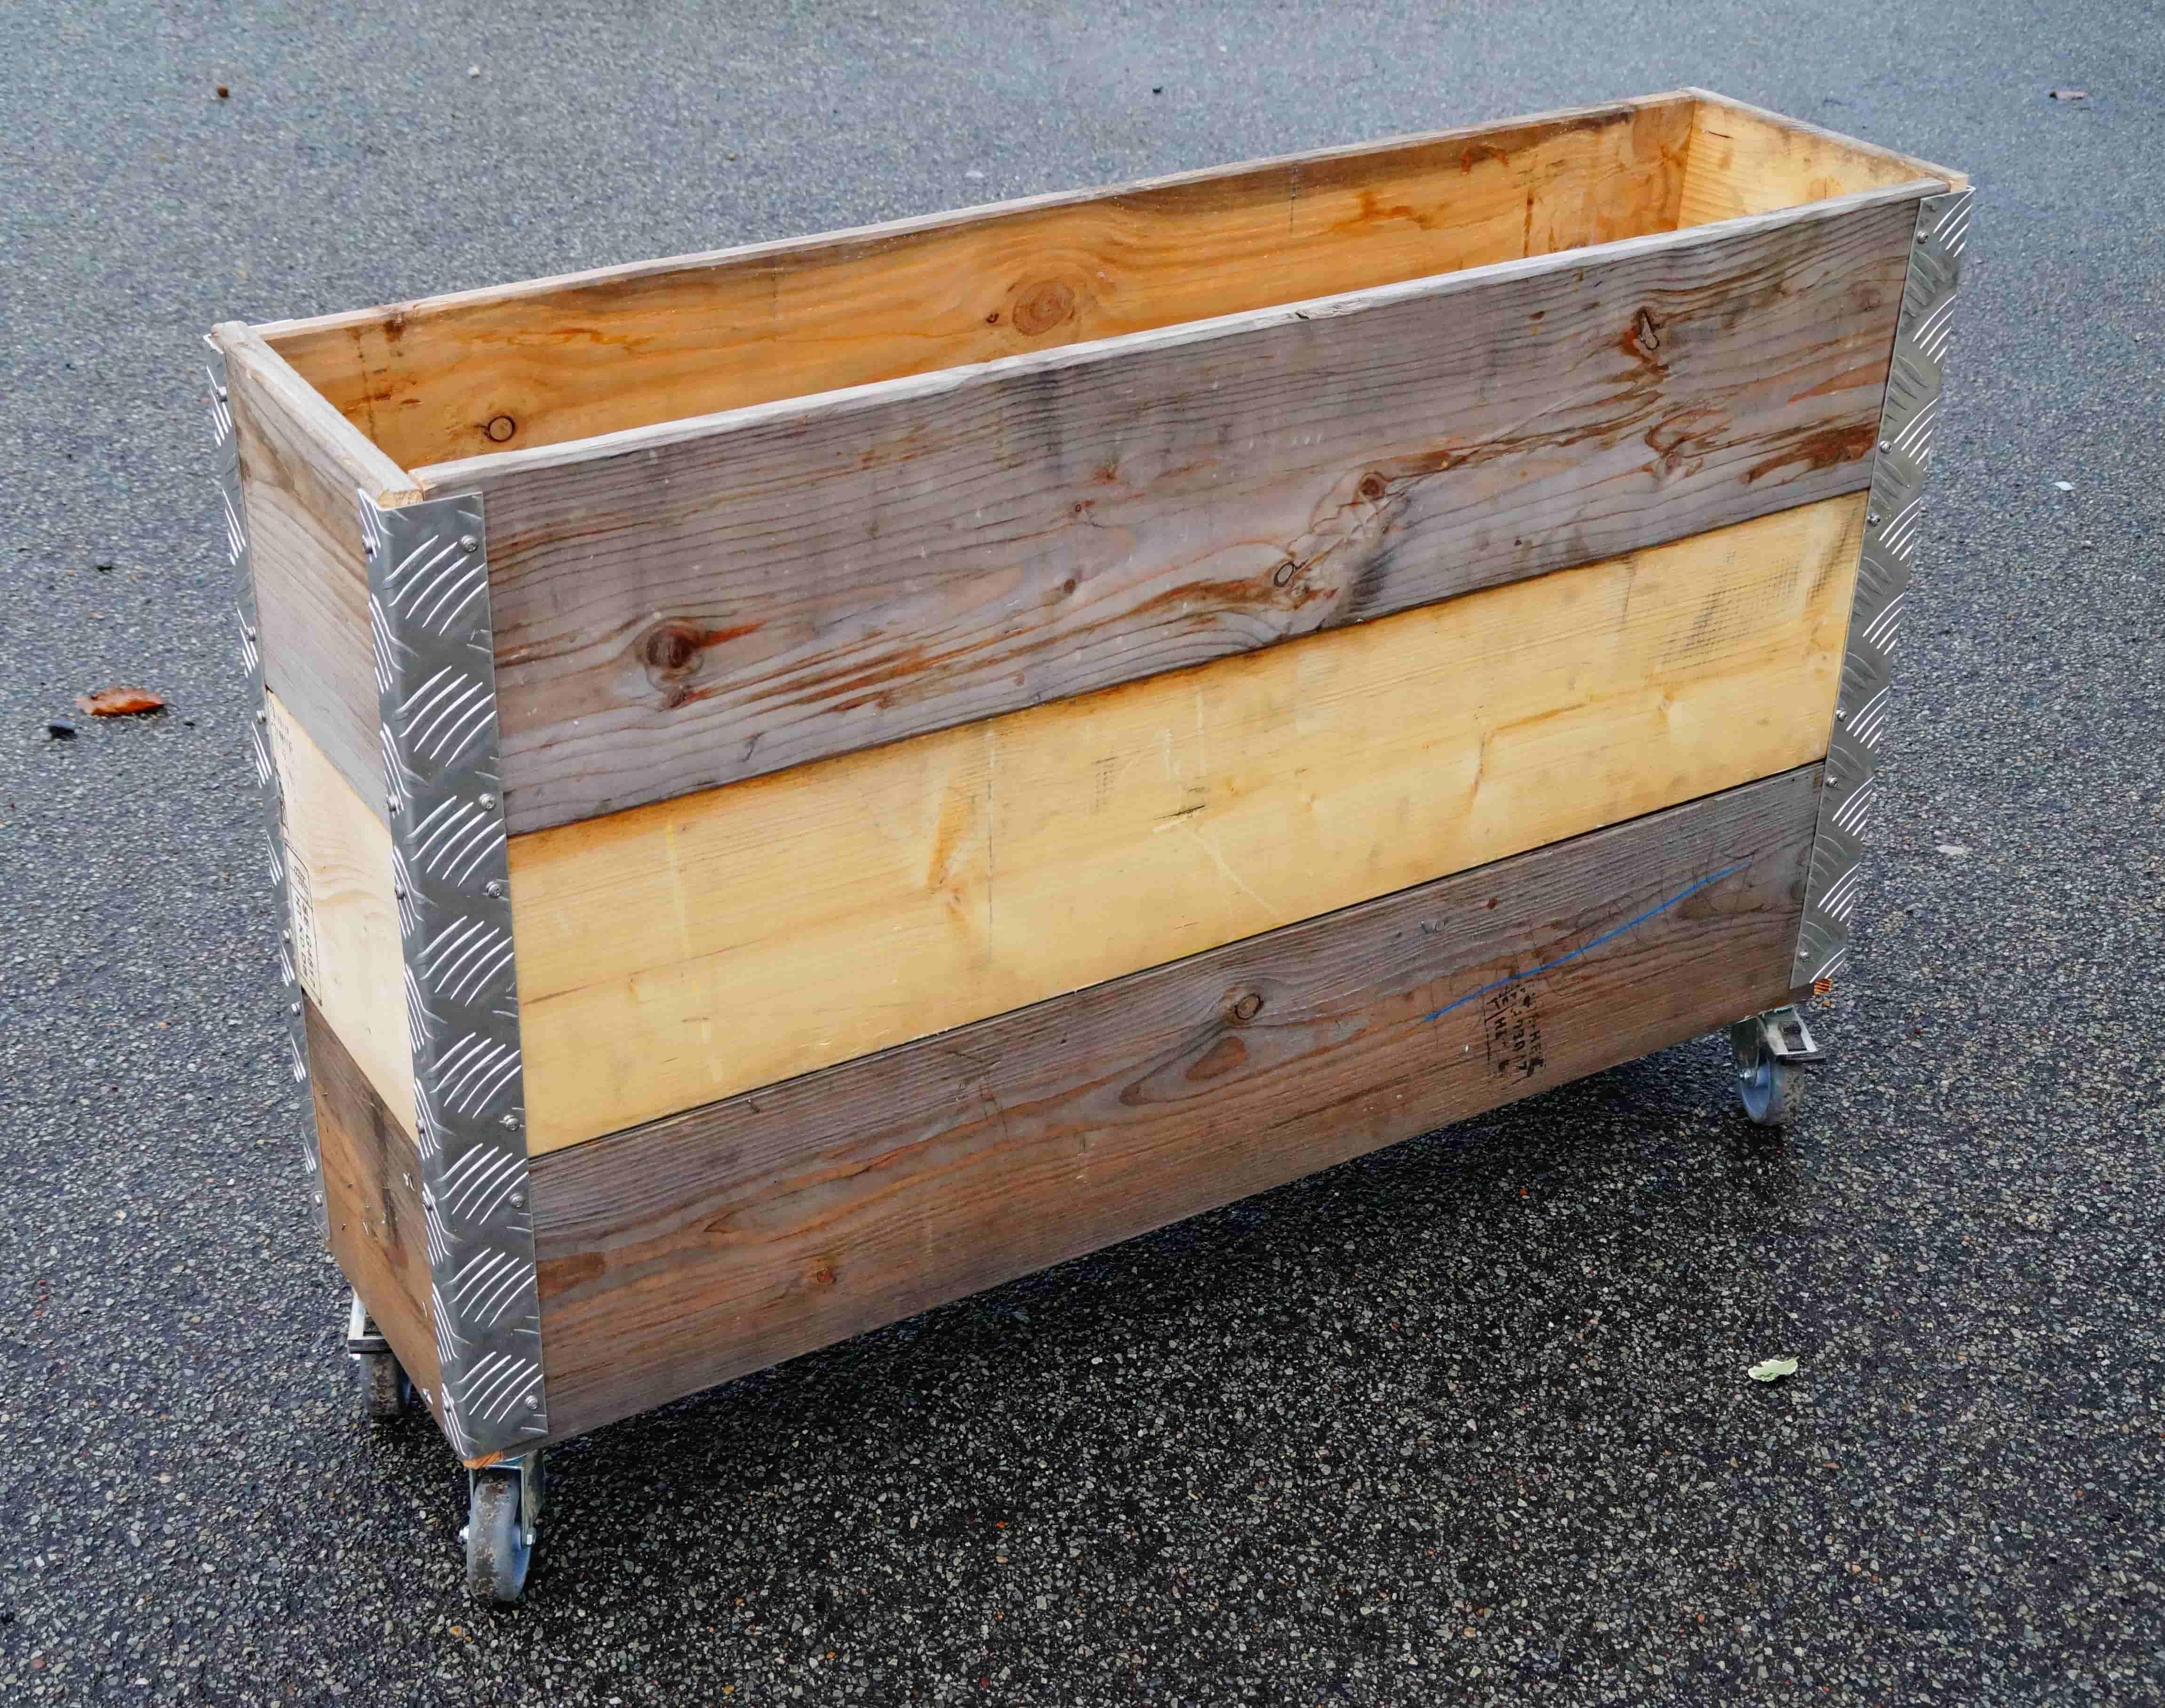 Picture of: A2 Living Longbox Opbevaringskasse Genbrugstrae 3 Lag Pa Hjul Udendors Diverse Bobo Mobler Boligtilbehor Og Indretning Til Hjemmet